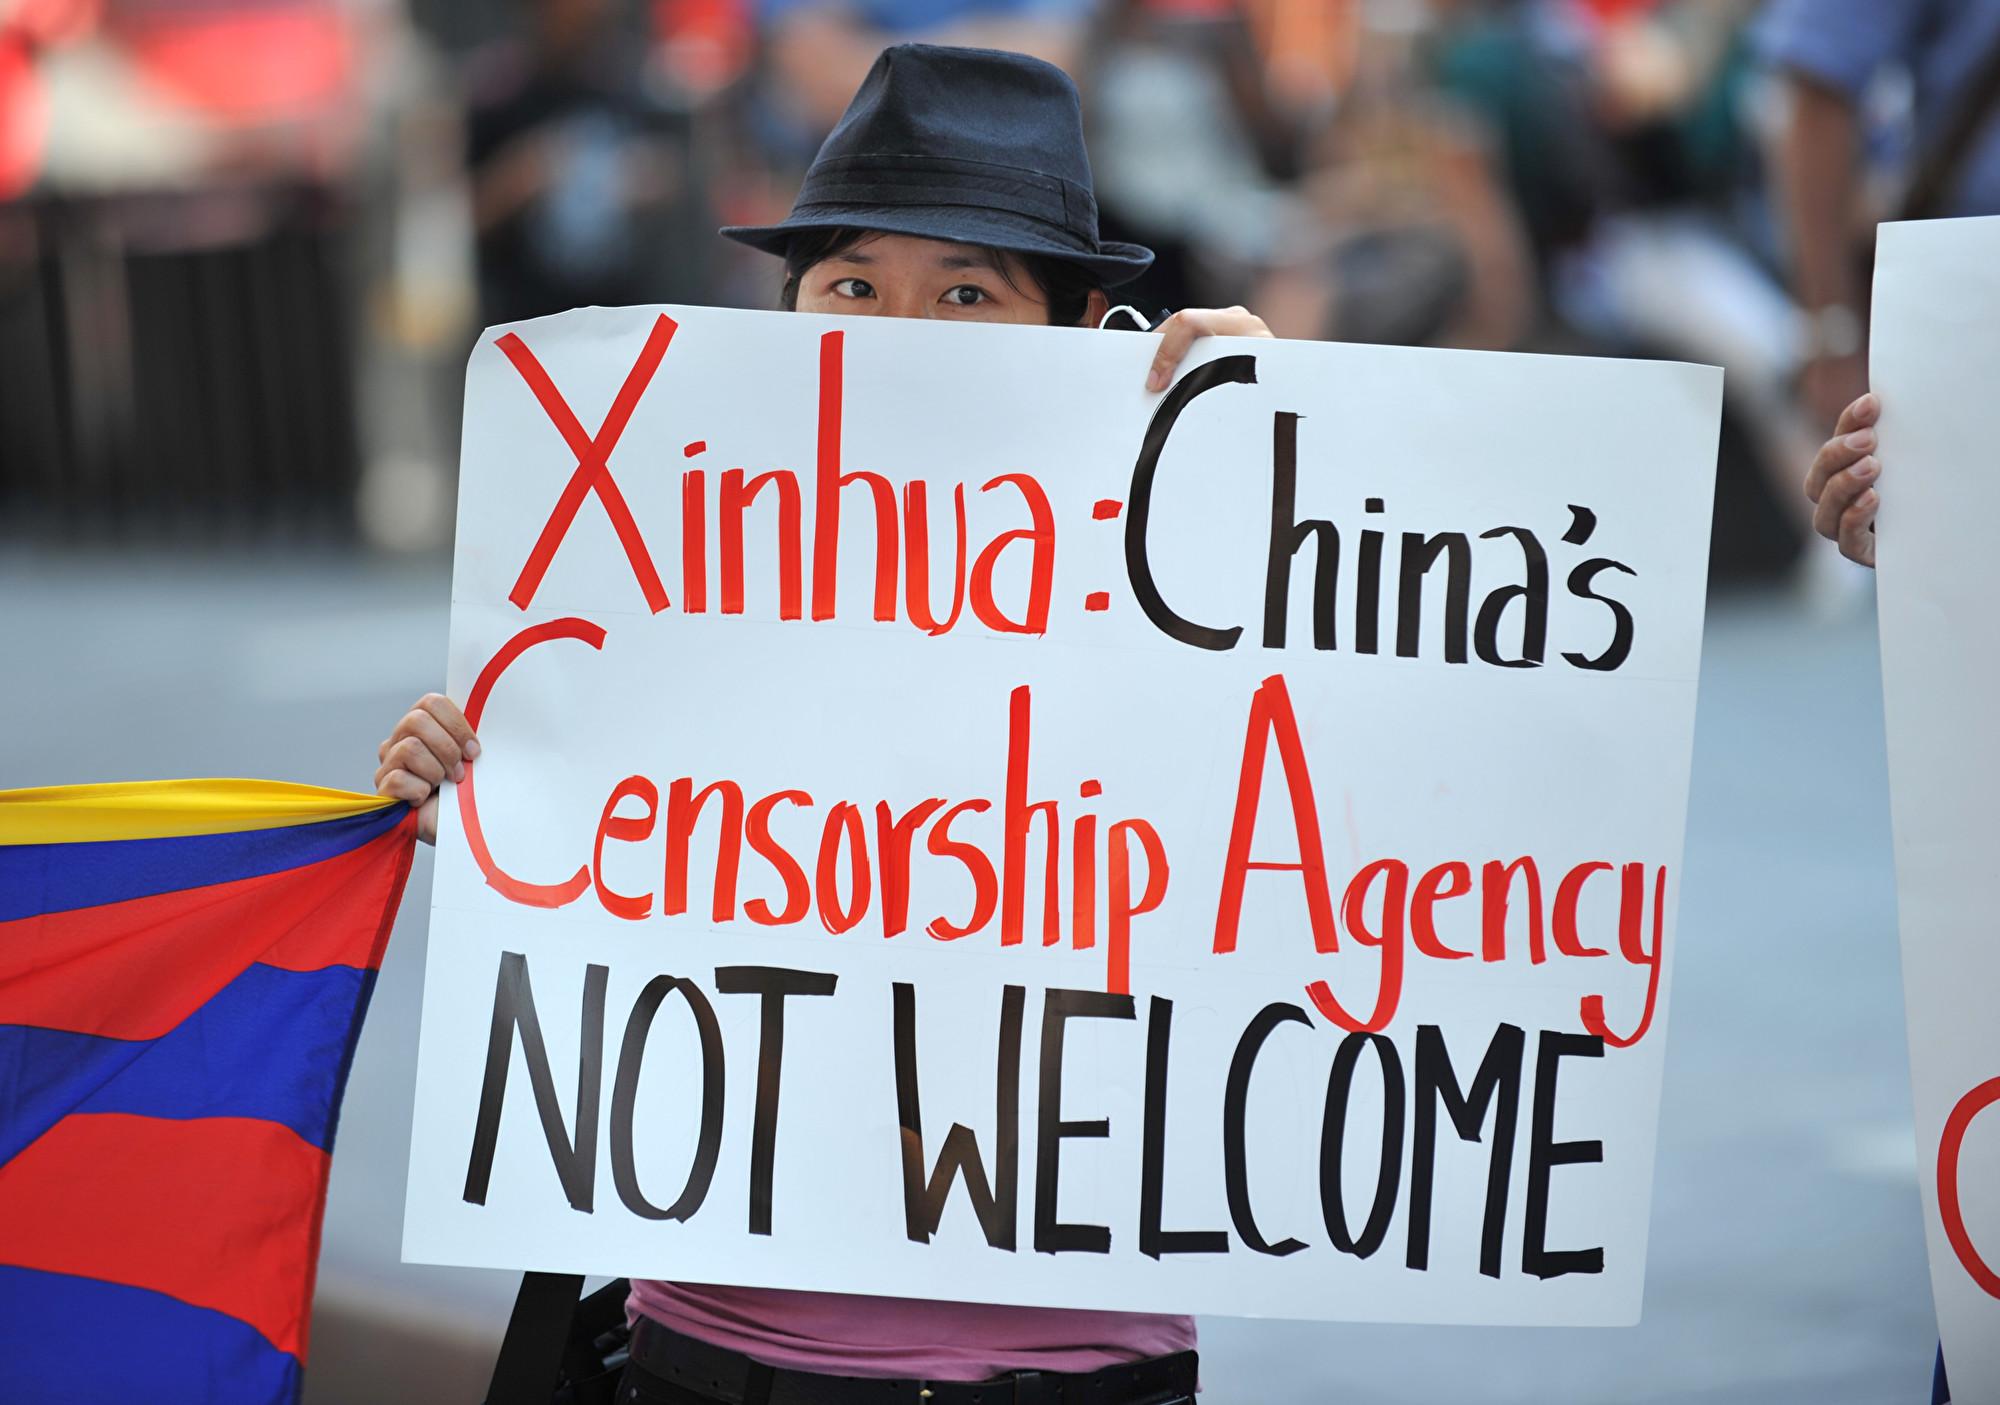 圖為抗議人士在紐約時代廣場的新華社大屏幕前舉牌抗議。(STAN HONDA/AFP/Getty Images)